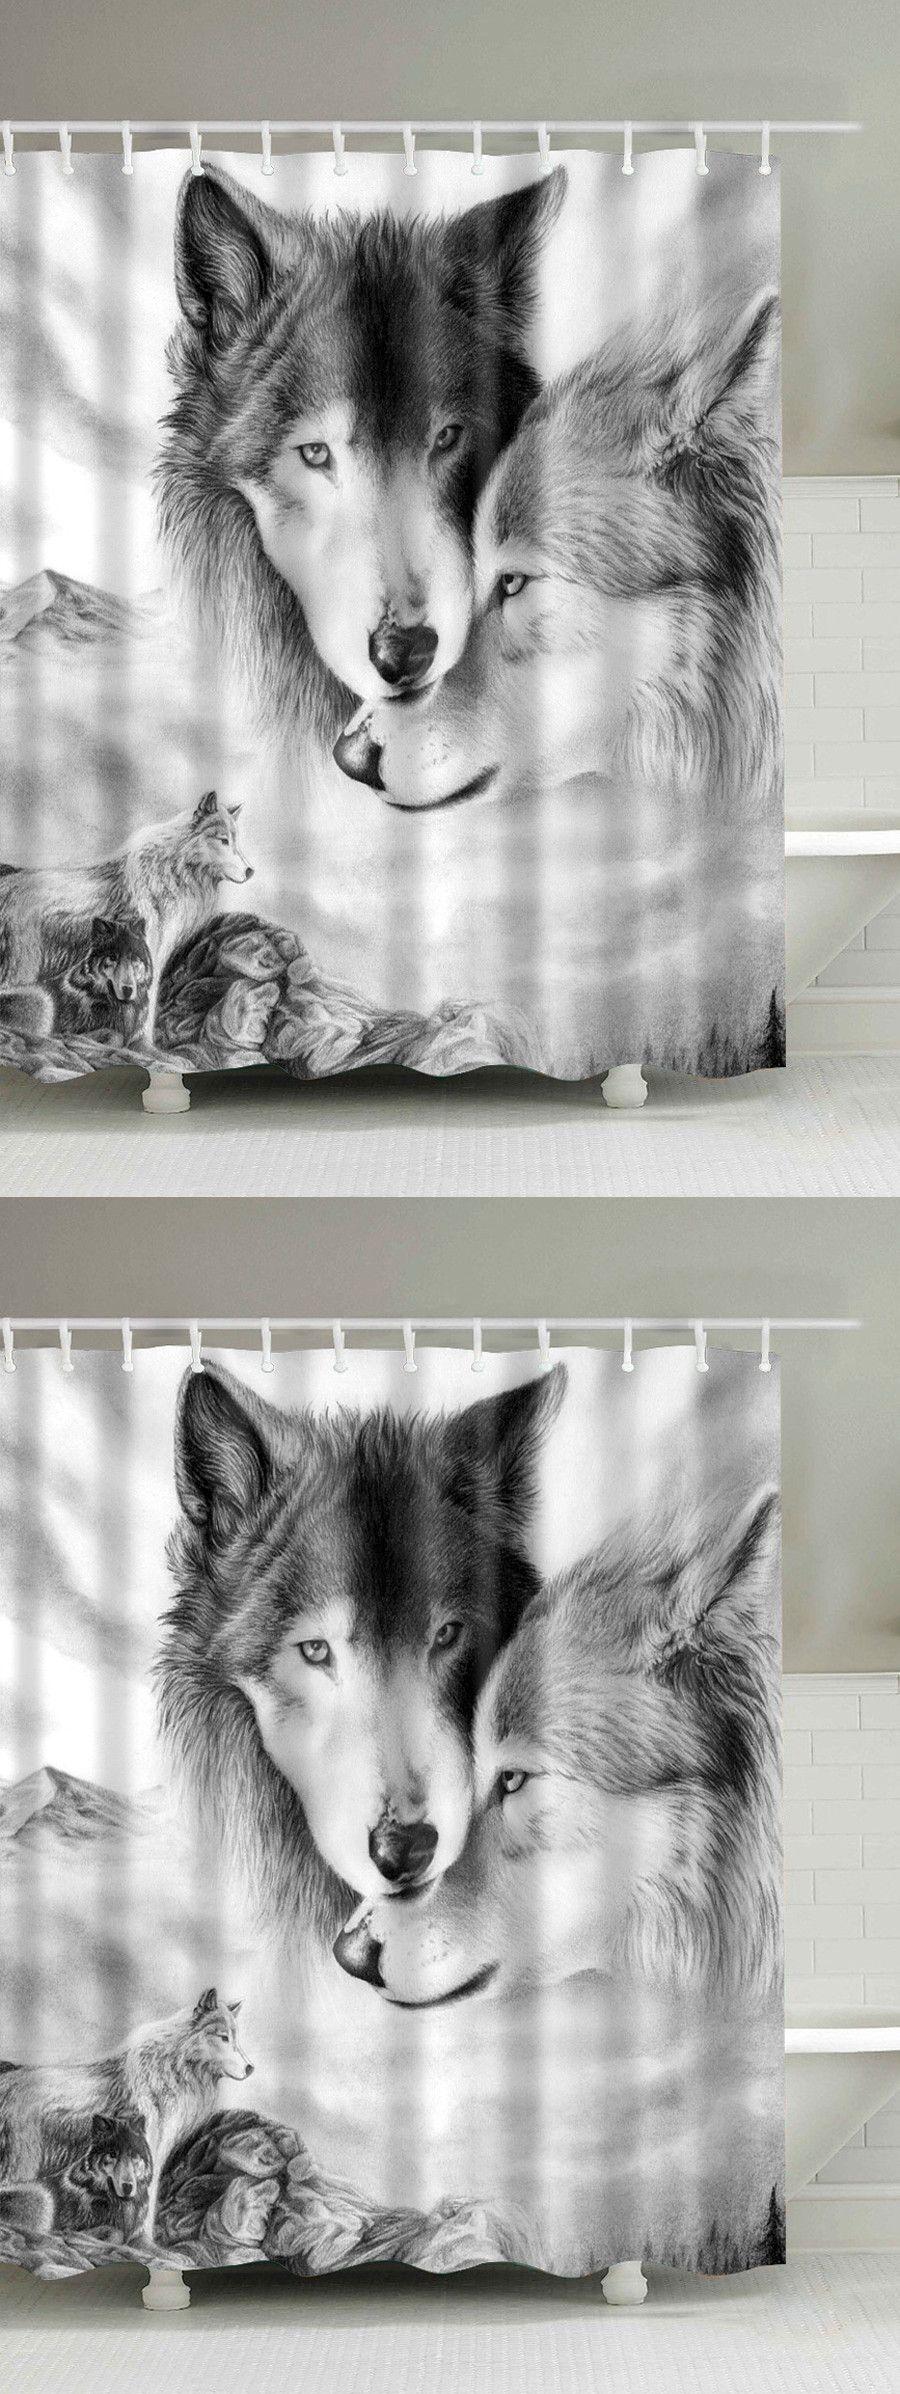 Zimmer im westlichen stil  wolf d digital printed shower curtain  western style